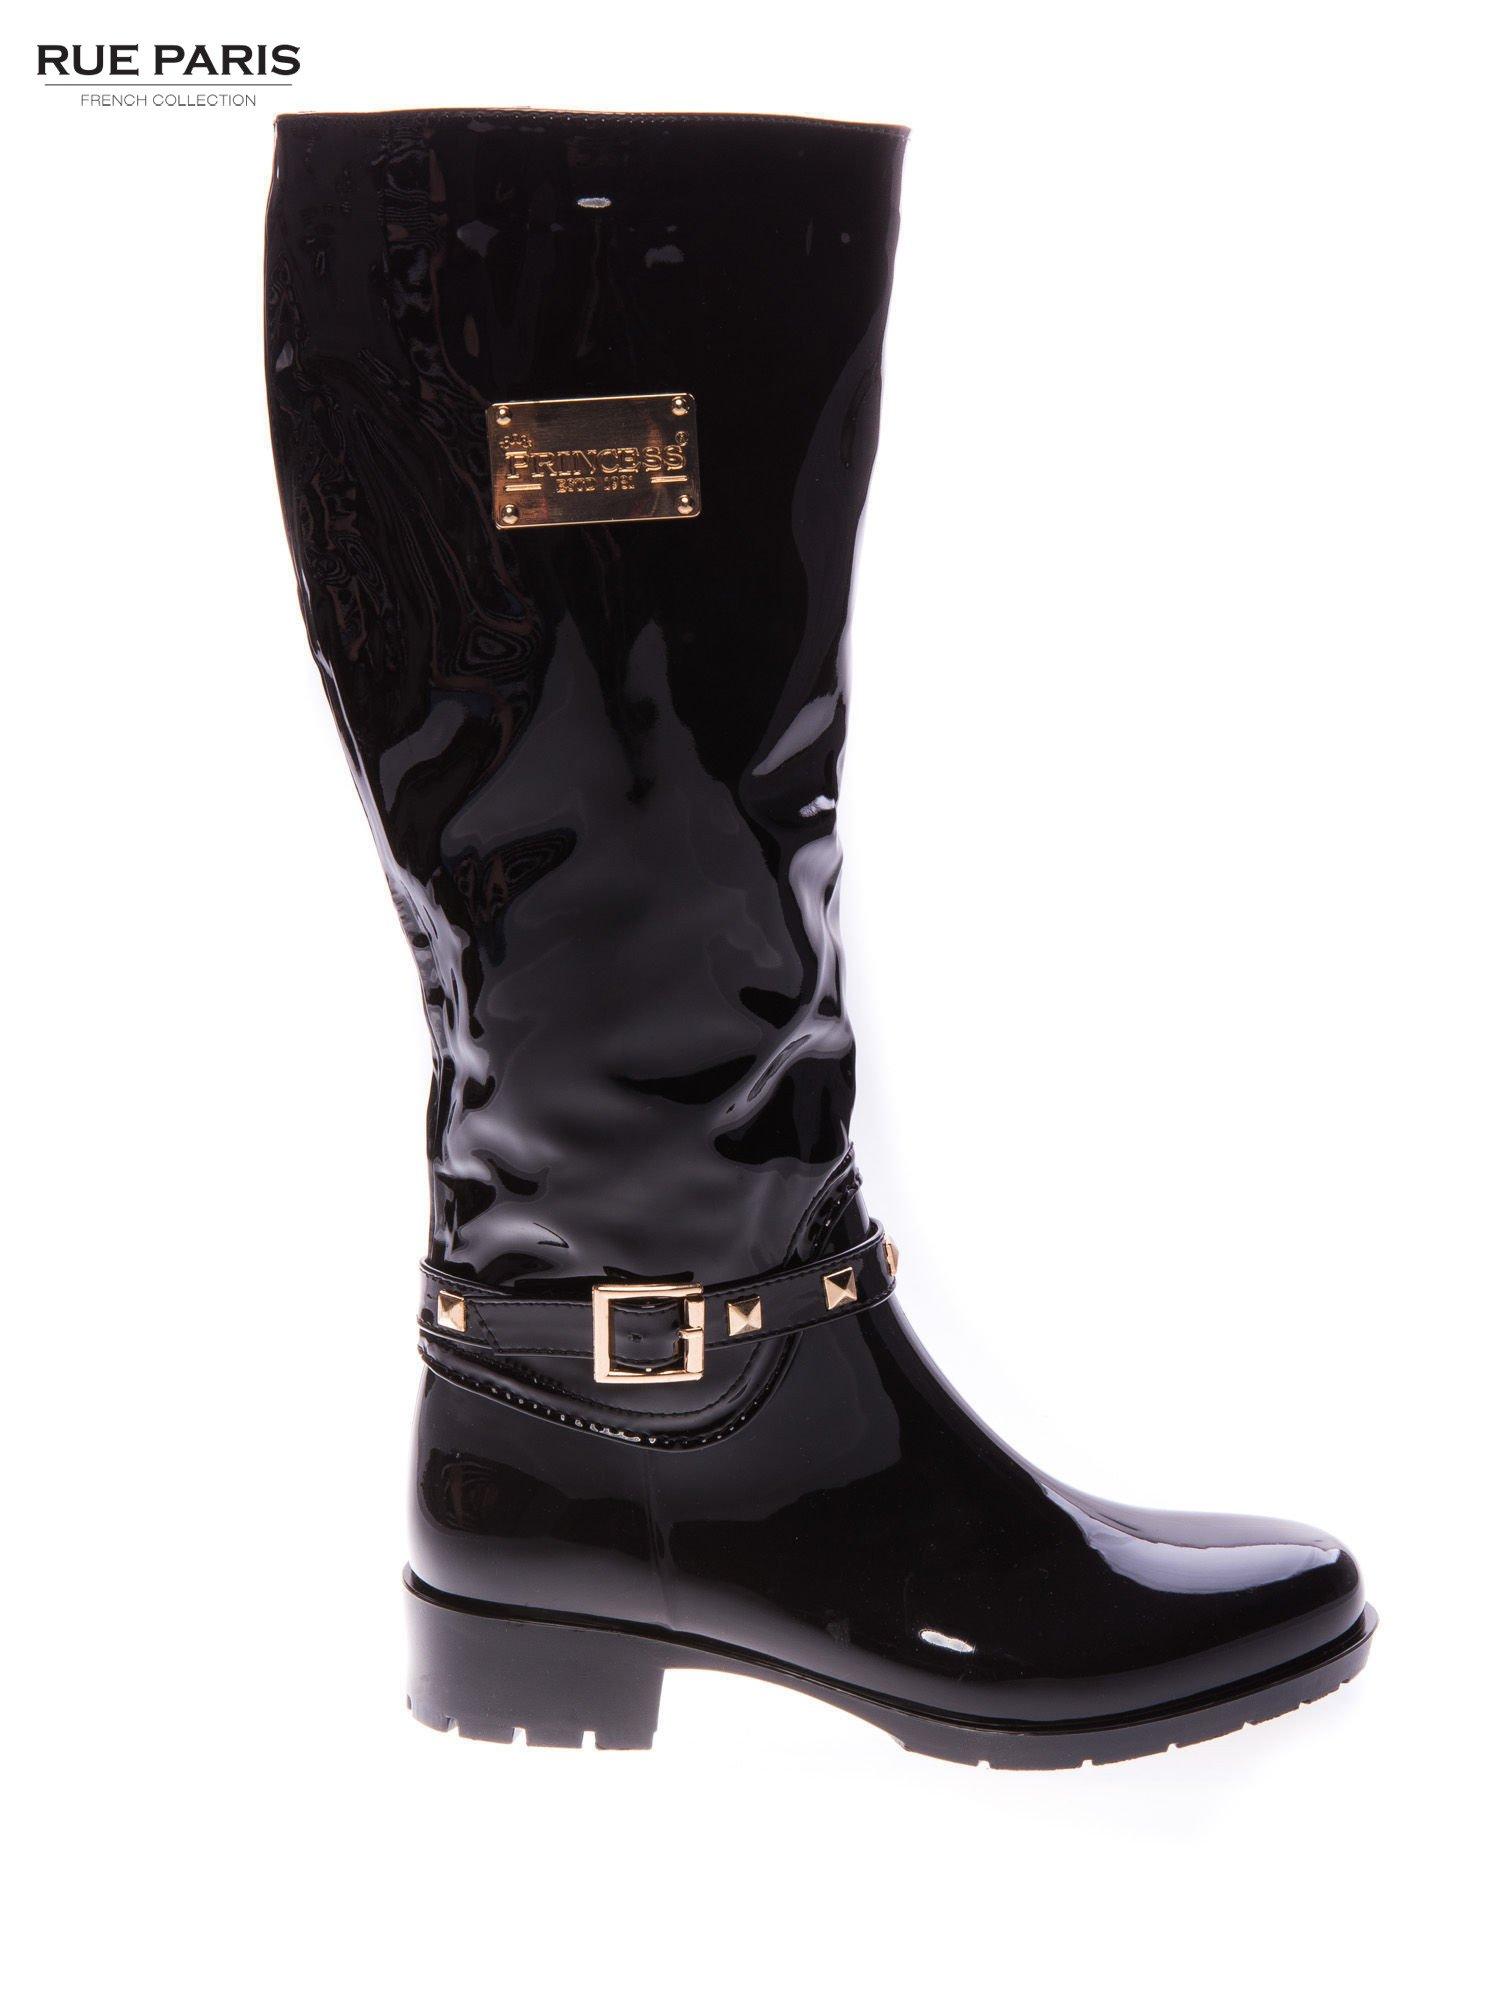 Czarne lakierowane kalosze ze złotą klamerką w stylu biker shoes                                  zdj.                                  1